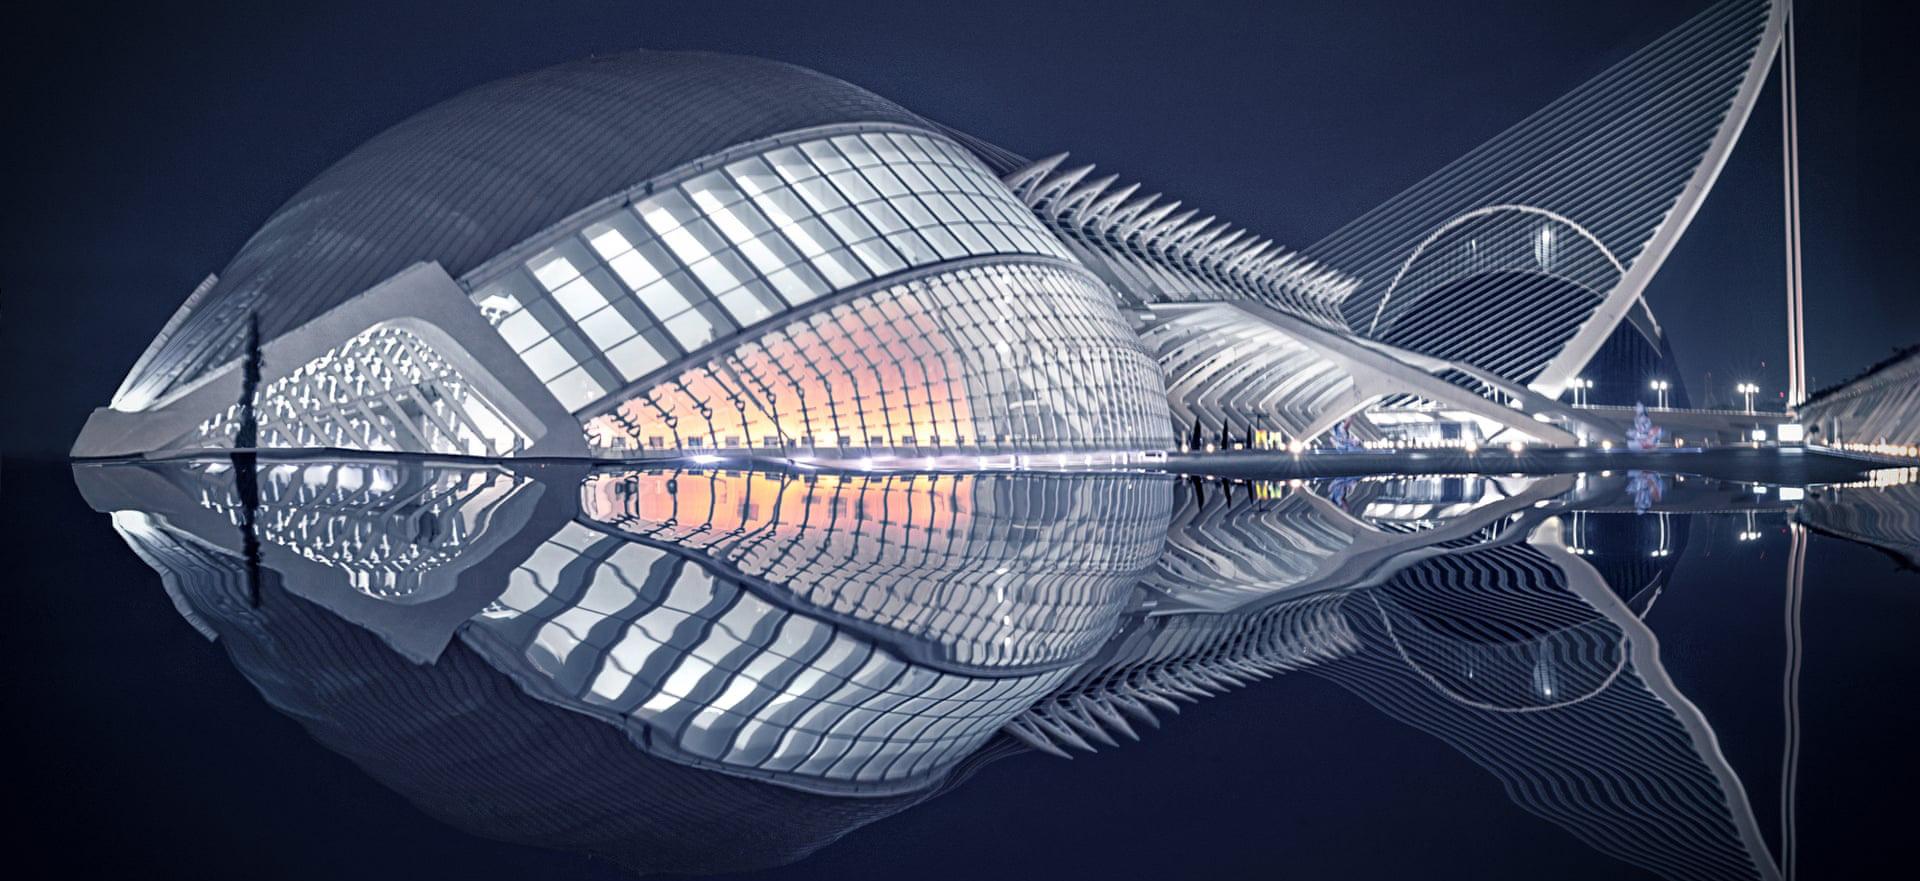 Begientzako festa.  Hona hemen The Art of Building lehiaketan saritutako arkitekturaren argazkiak